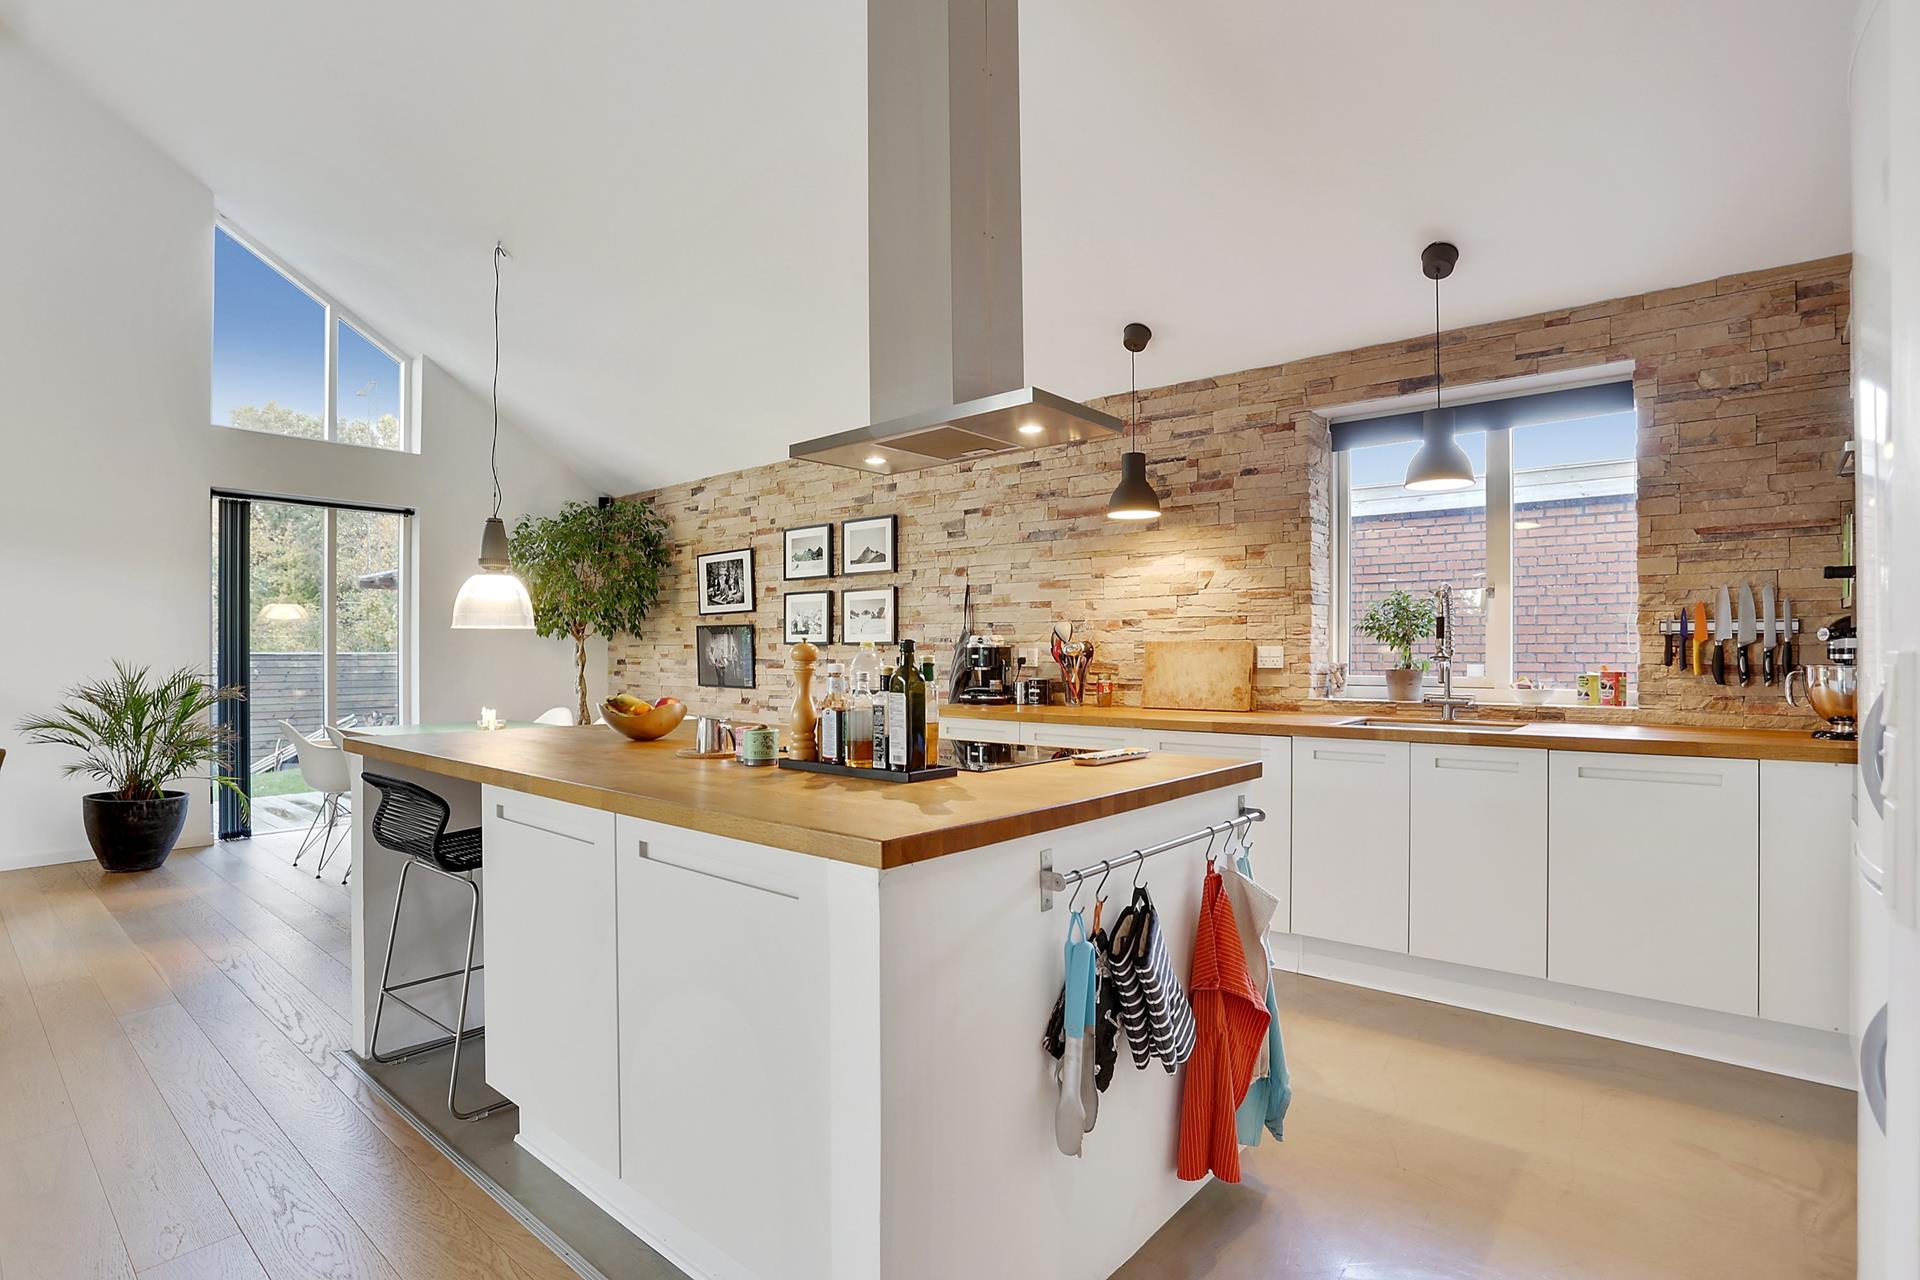 Muebles y armarios bajos de cocina Blog tienda decoracin estilo